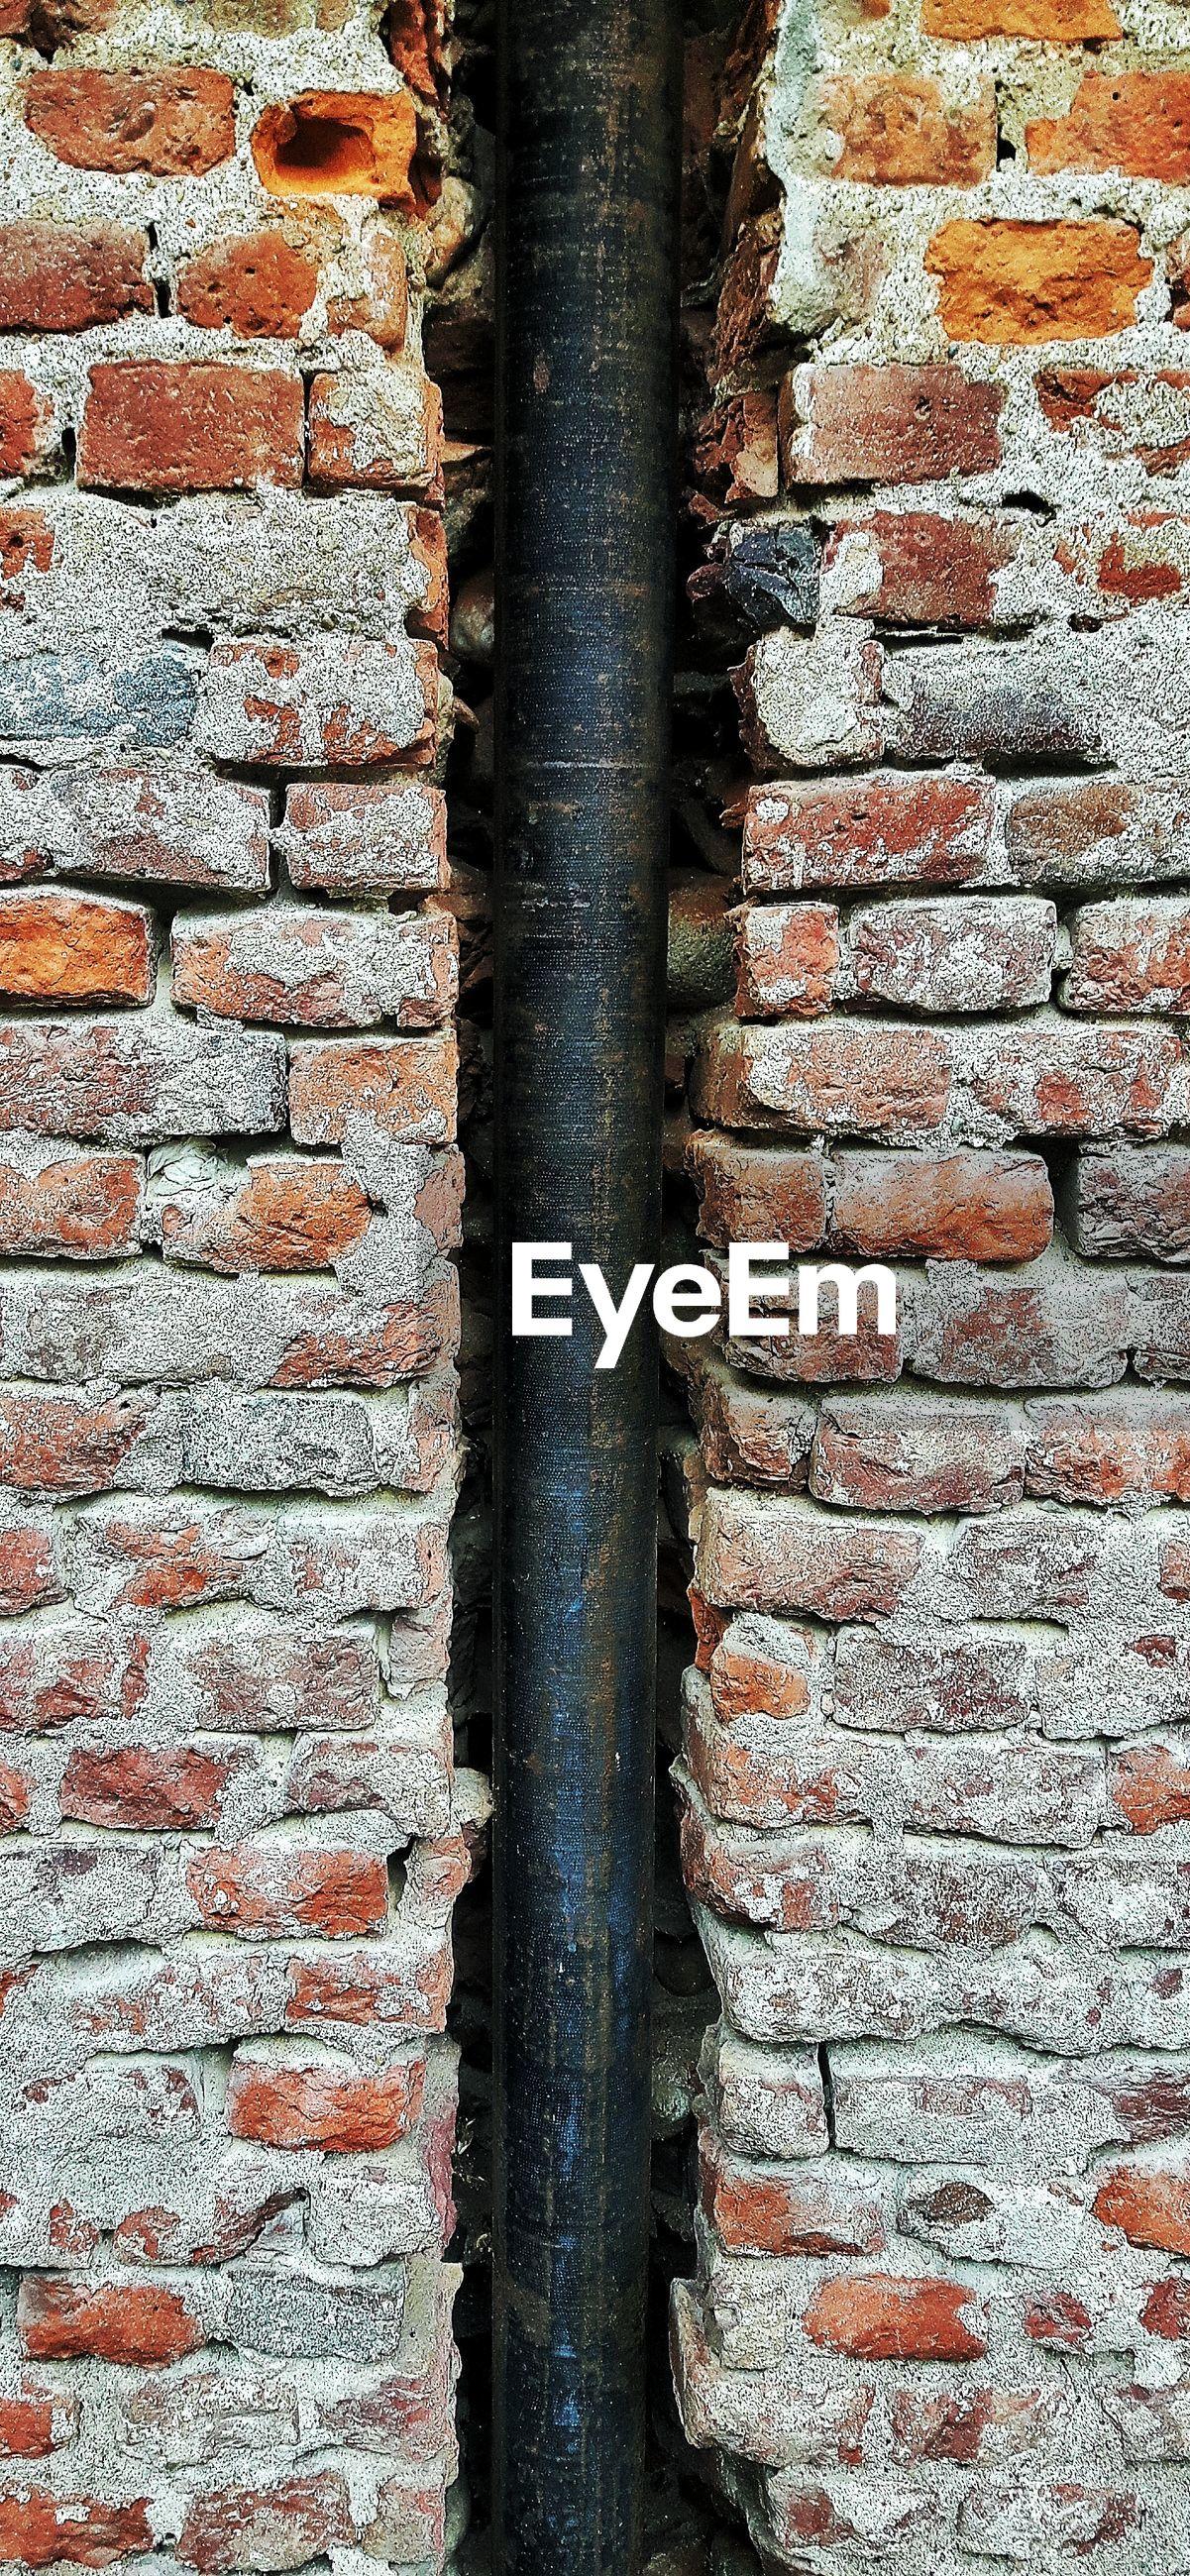 Pipeline amidst brick walls